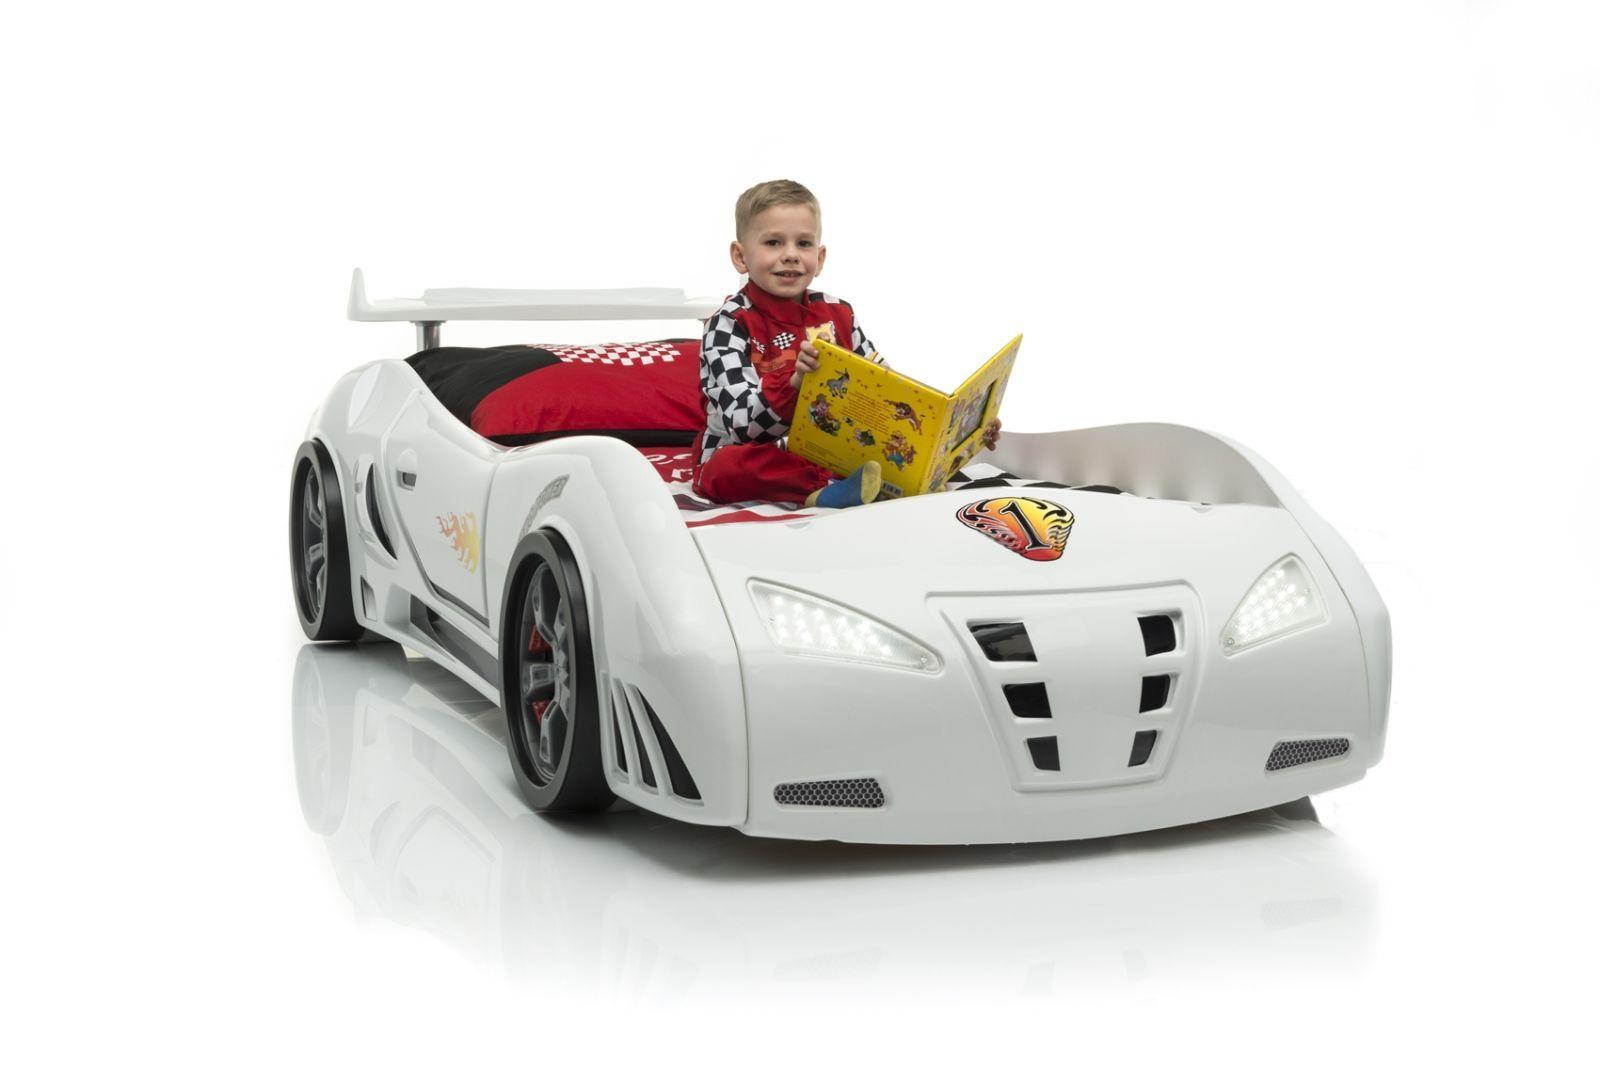 Kinderbett auto bmw  Kinderbett als Rennwagen - Autobett WhiteCar weiss mit Spoiler ...